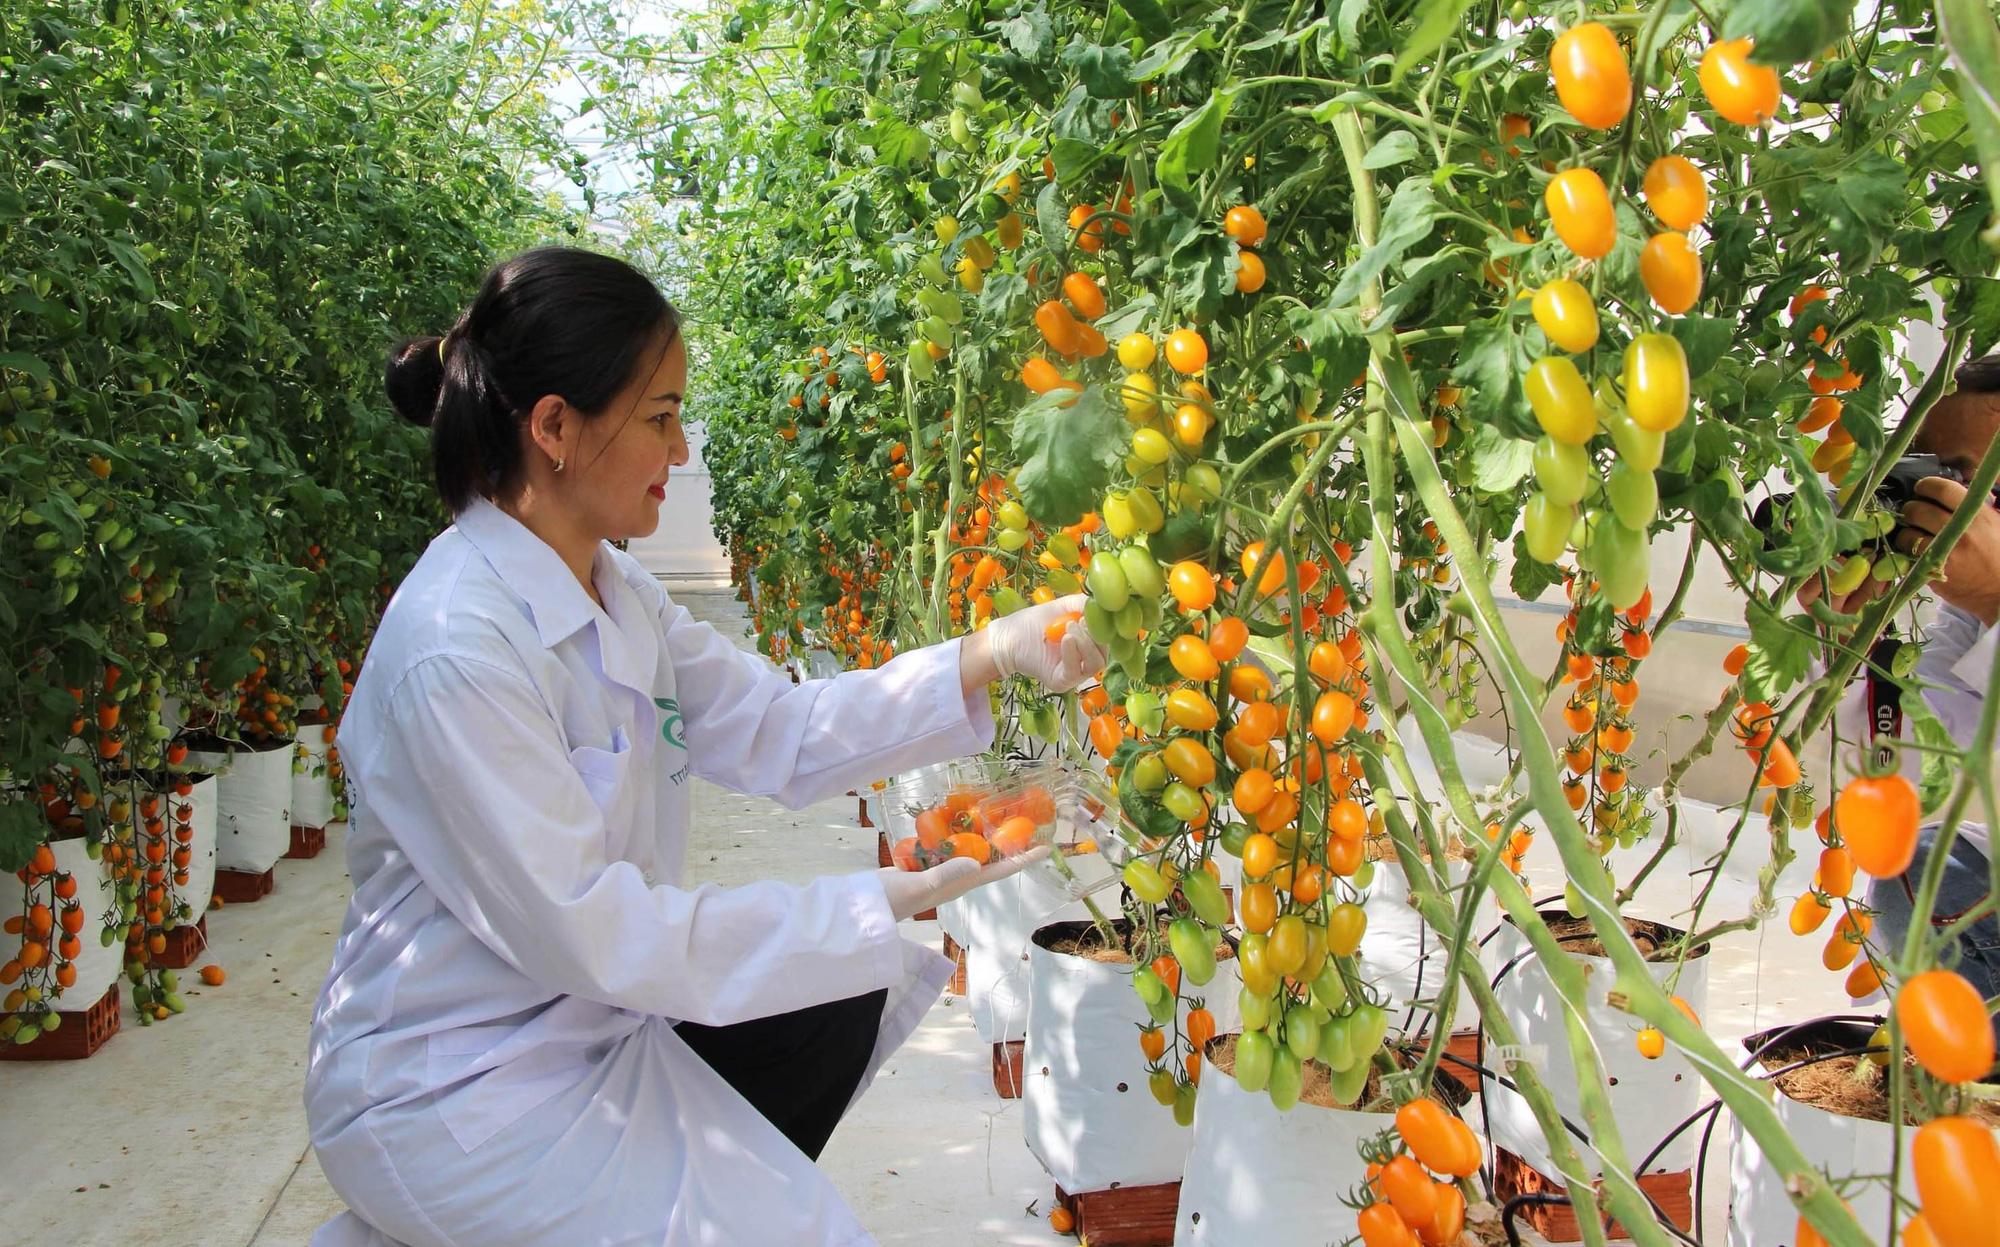 Mê mẩn vườn cà chua Nova công nghệ cao của cô giáo đam mê nông nghiệp sạch - Ảnh 5.